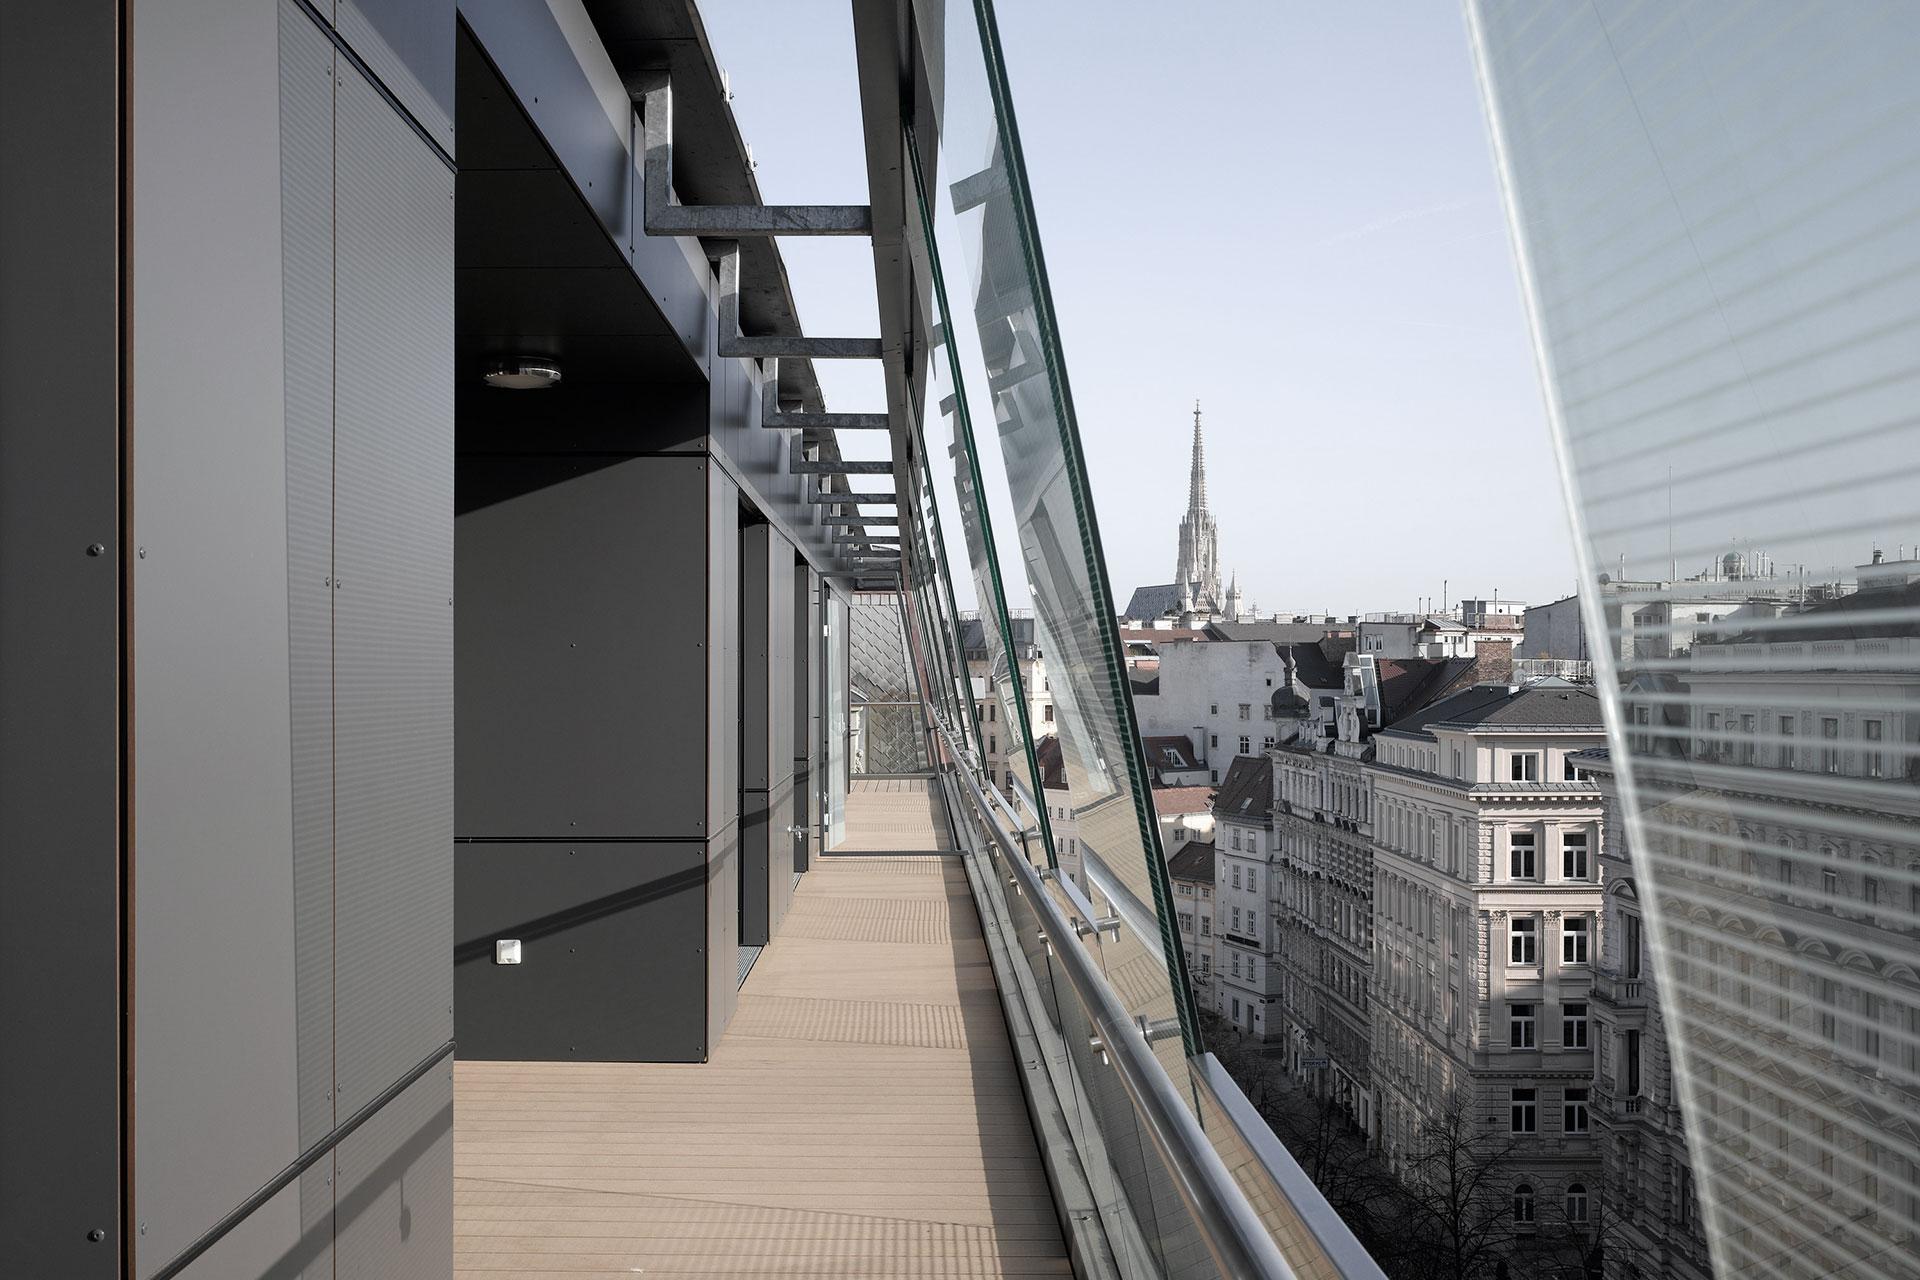 AVEST - Immobilie in der Börsegasse 10, 1010 Wien. Aussicht von der Terrasse